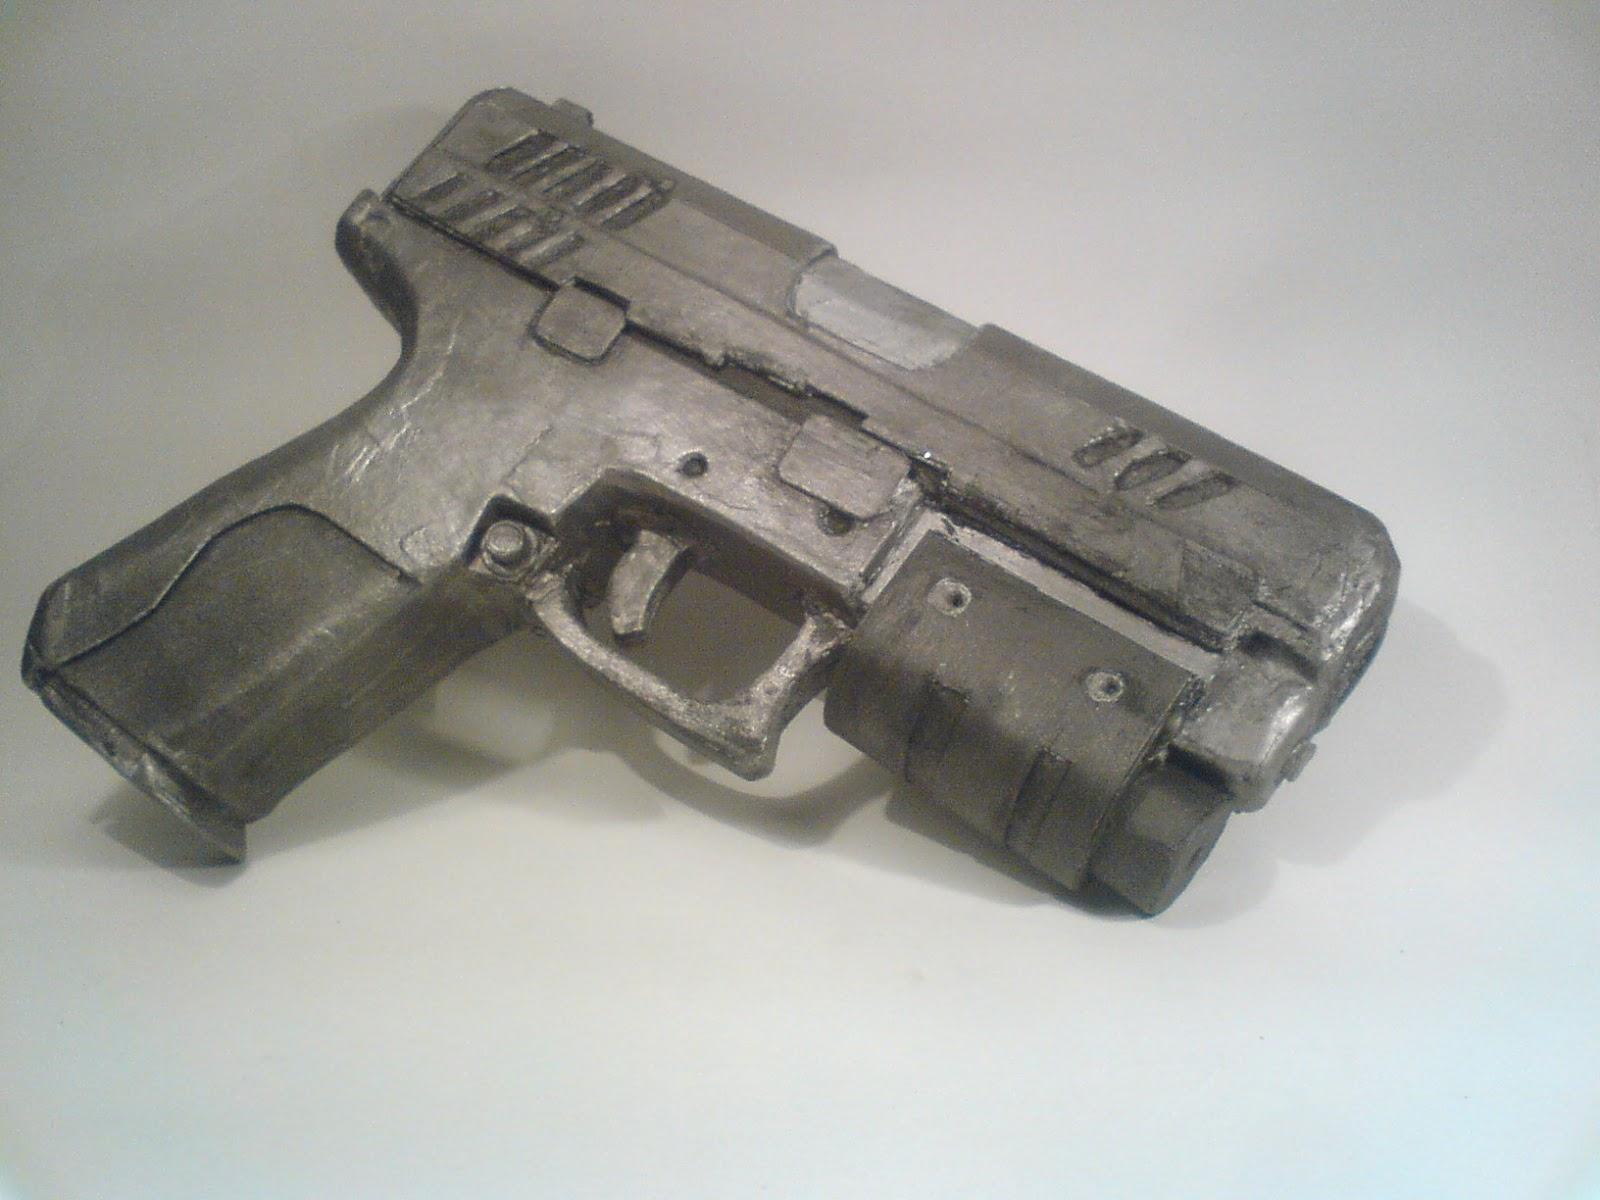 Pistola Blacktail - Resident Evil DSC04516